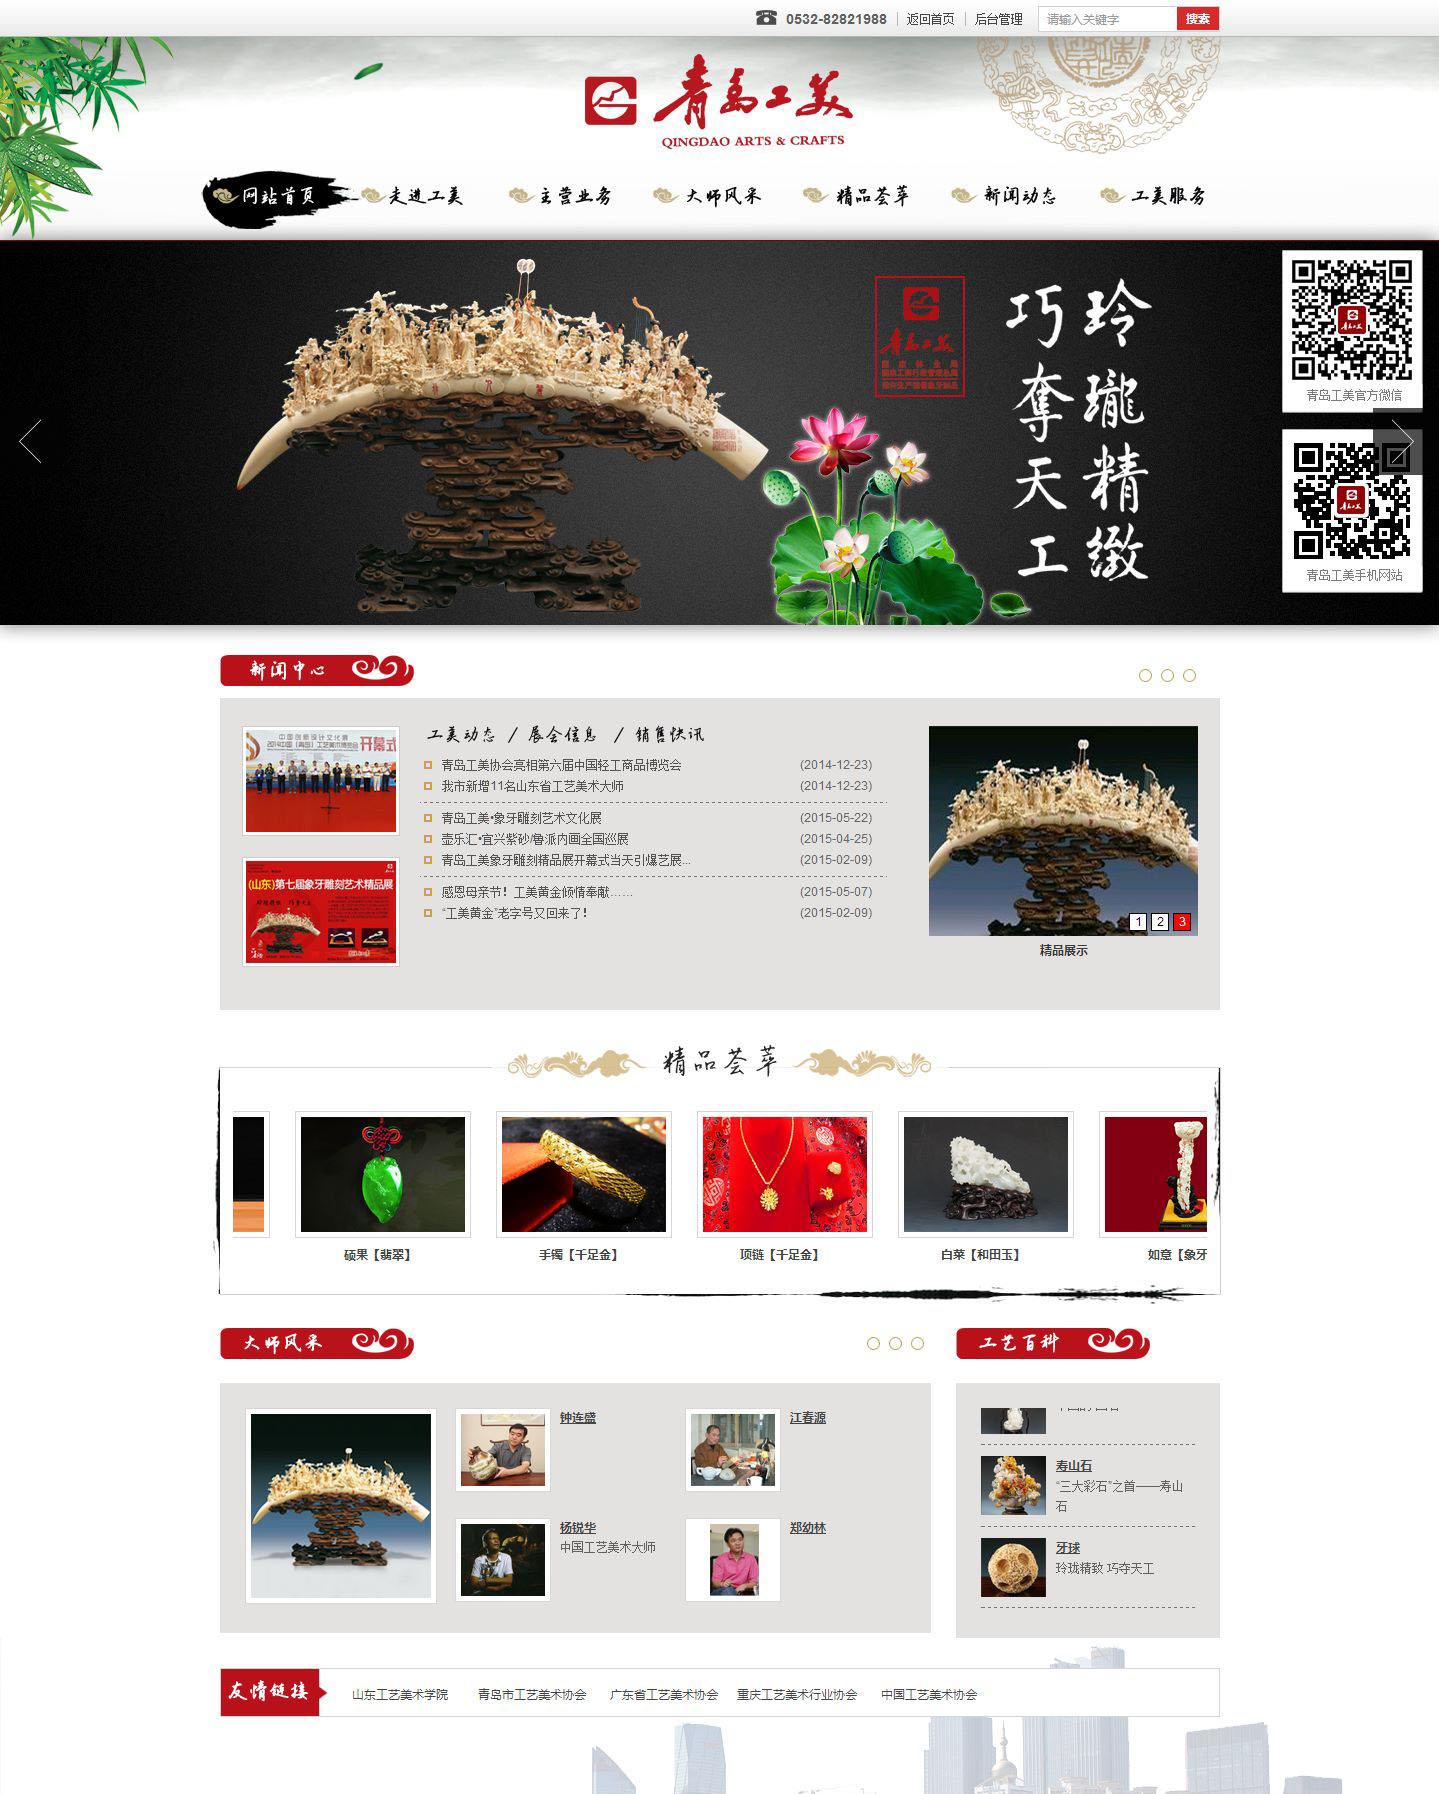 青岛工艺美术品有限责任公司